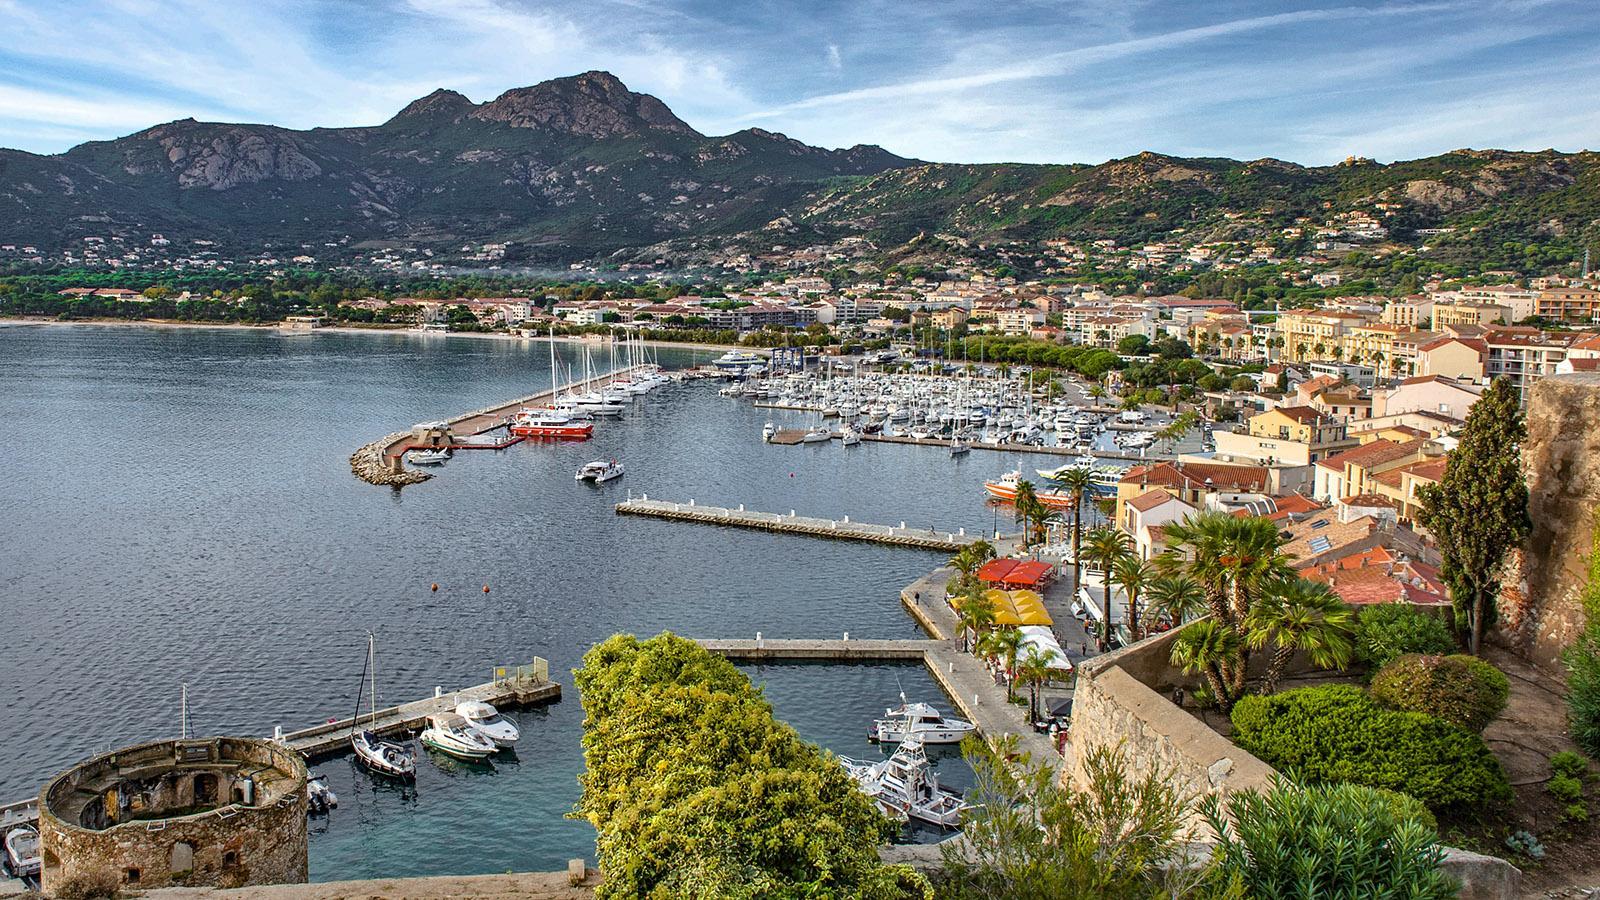 Blick auf die Bucht von Calvi von der Zitadelle. Foto: Hilke Maunder